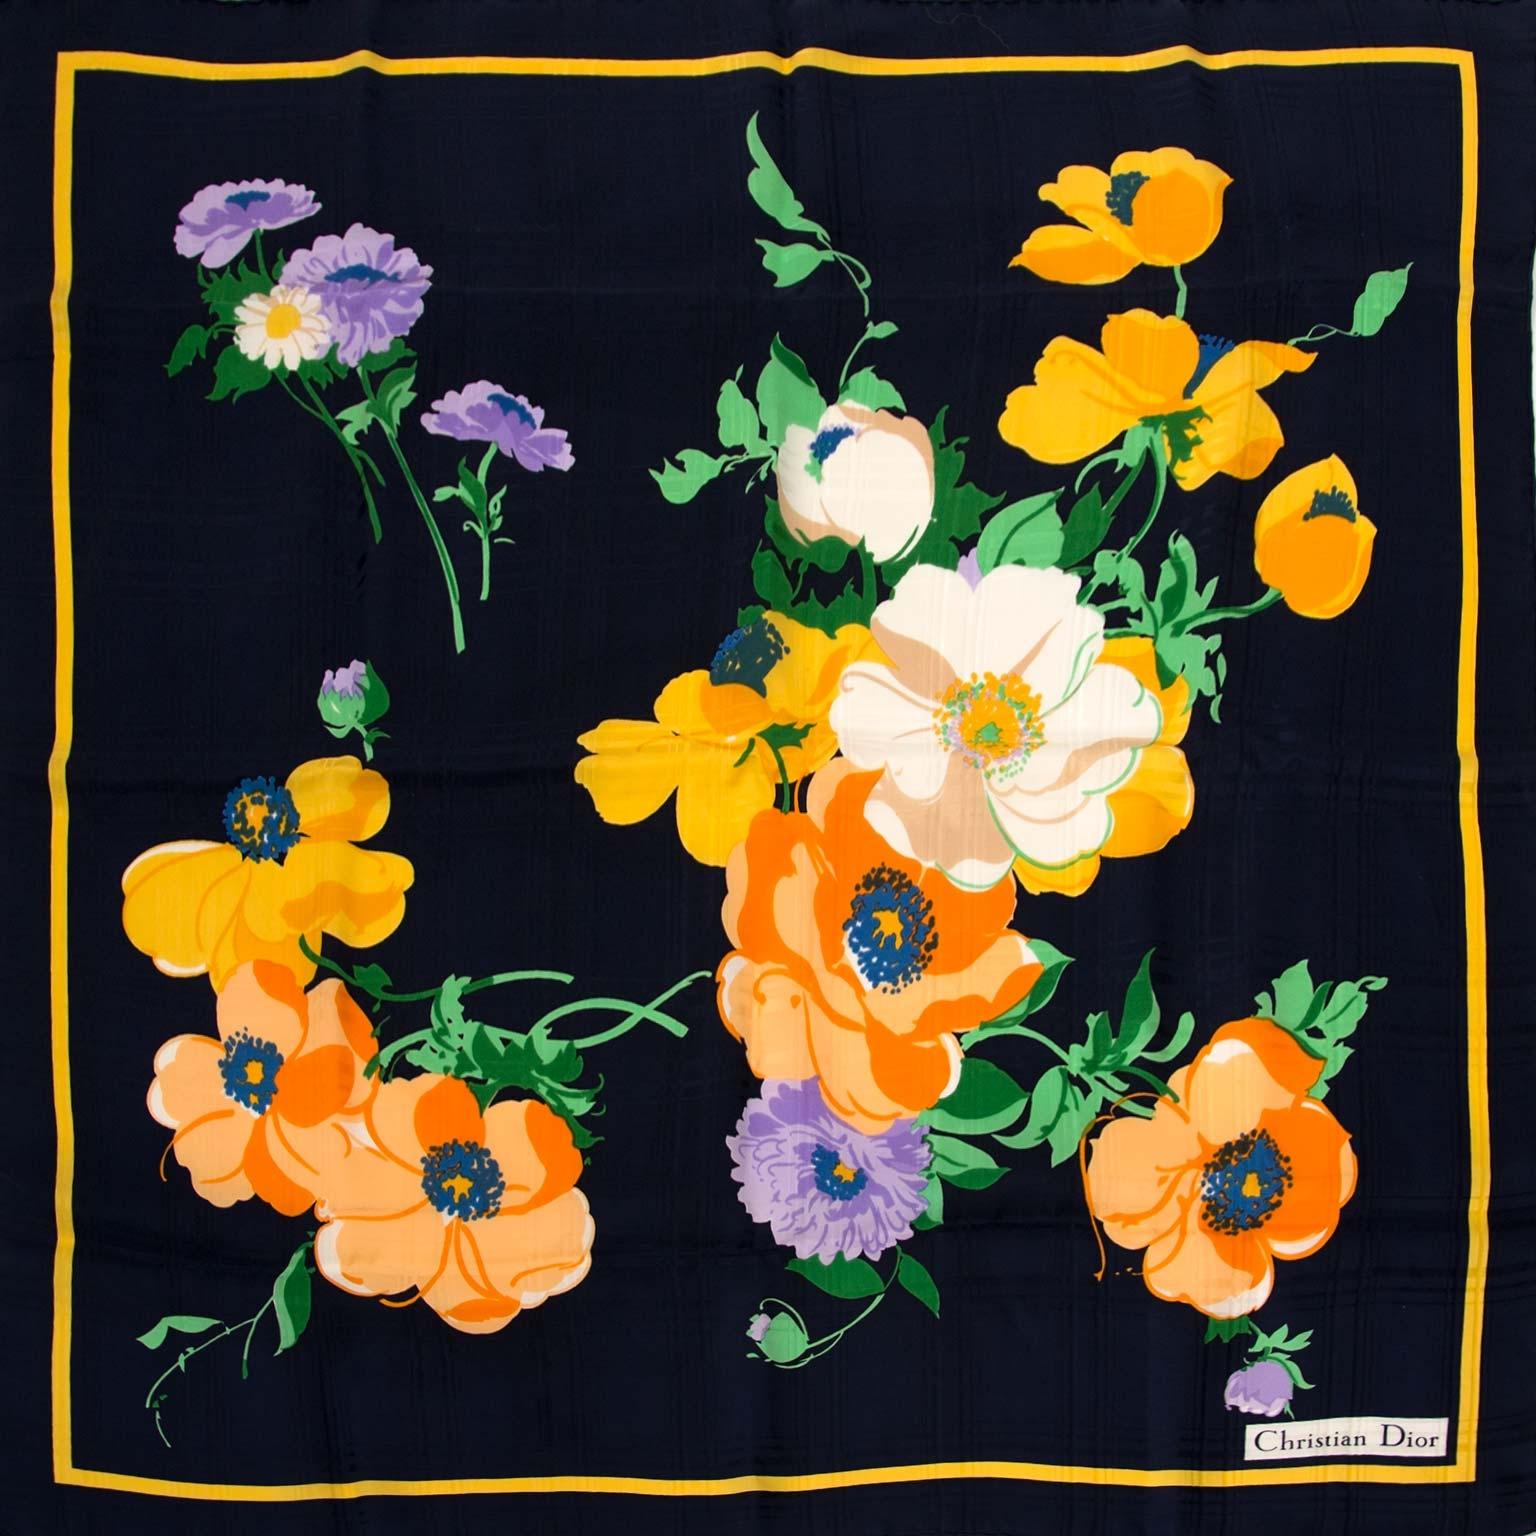 Koop christian dior sjaals nu online bij labellov vintage mode webshop